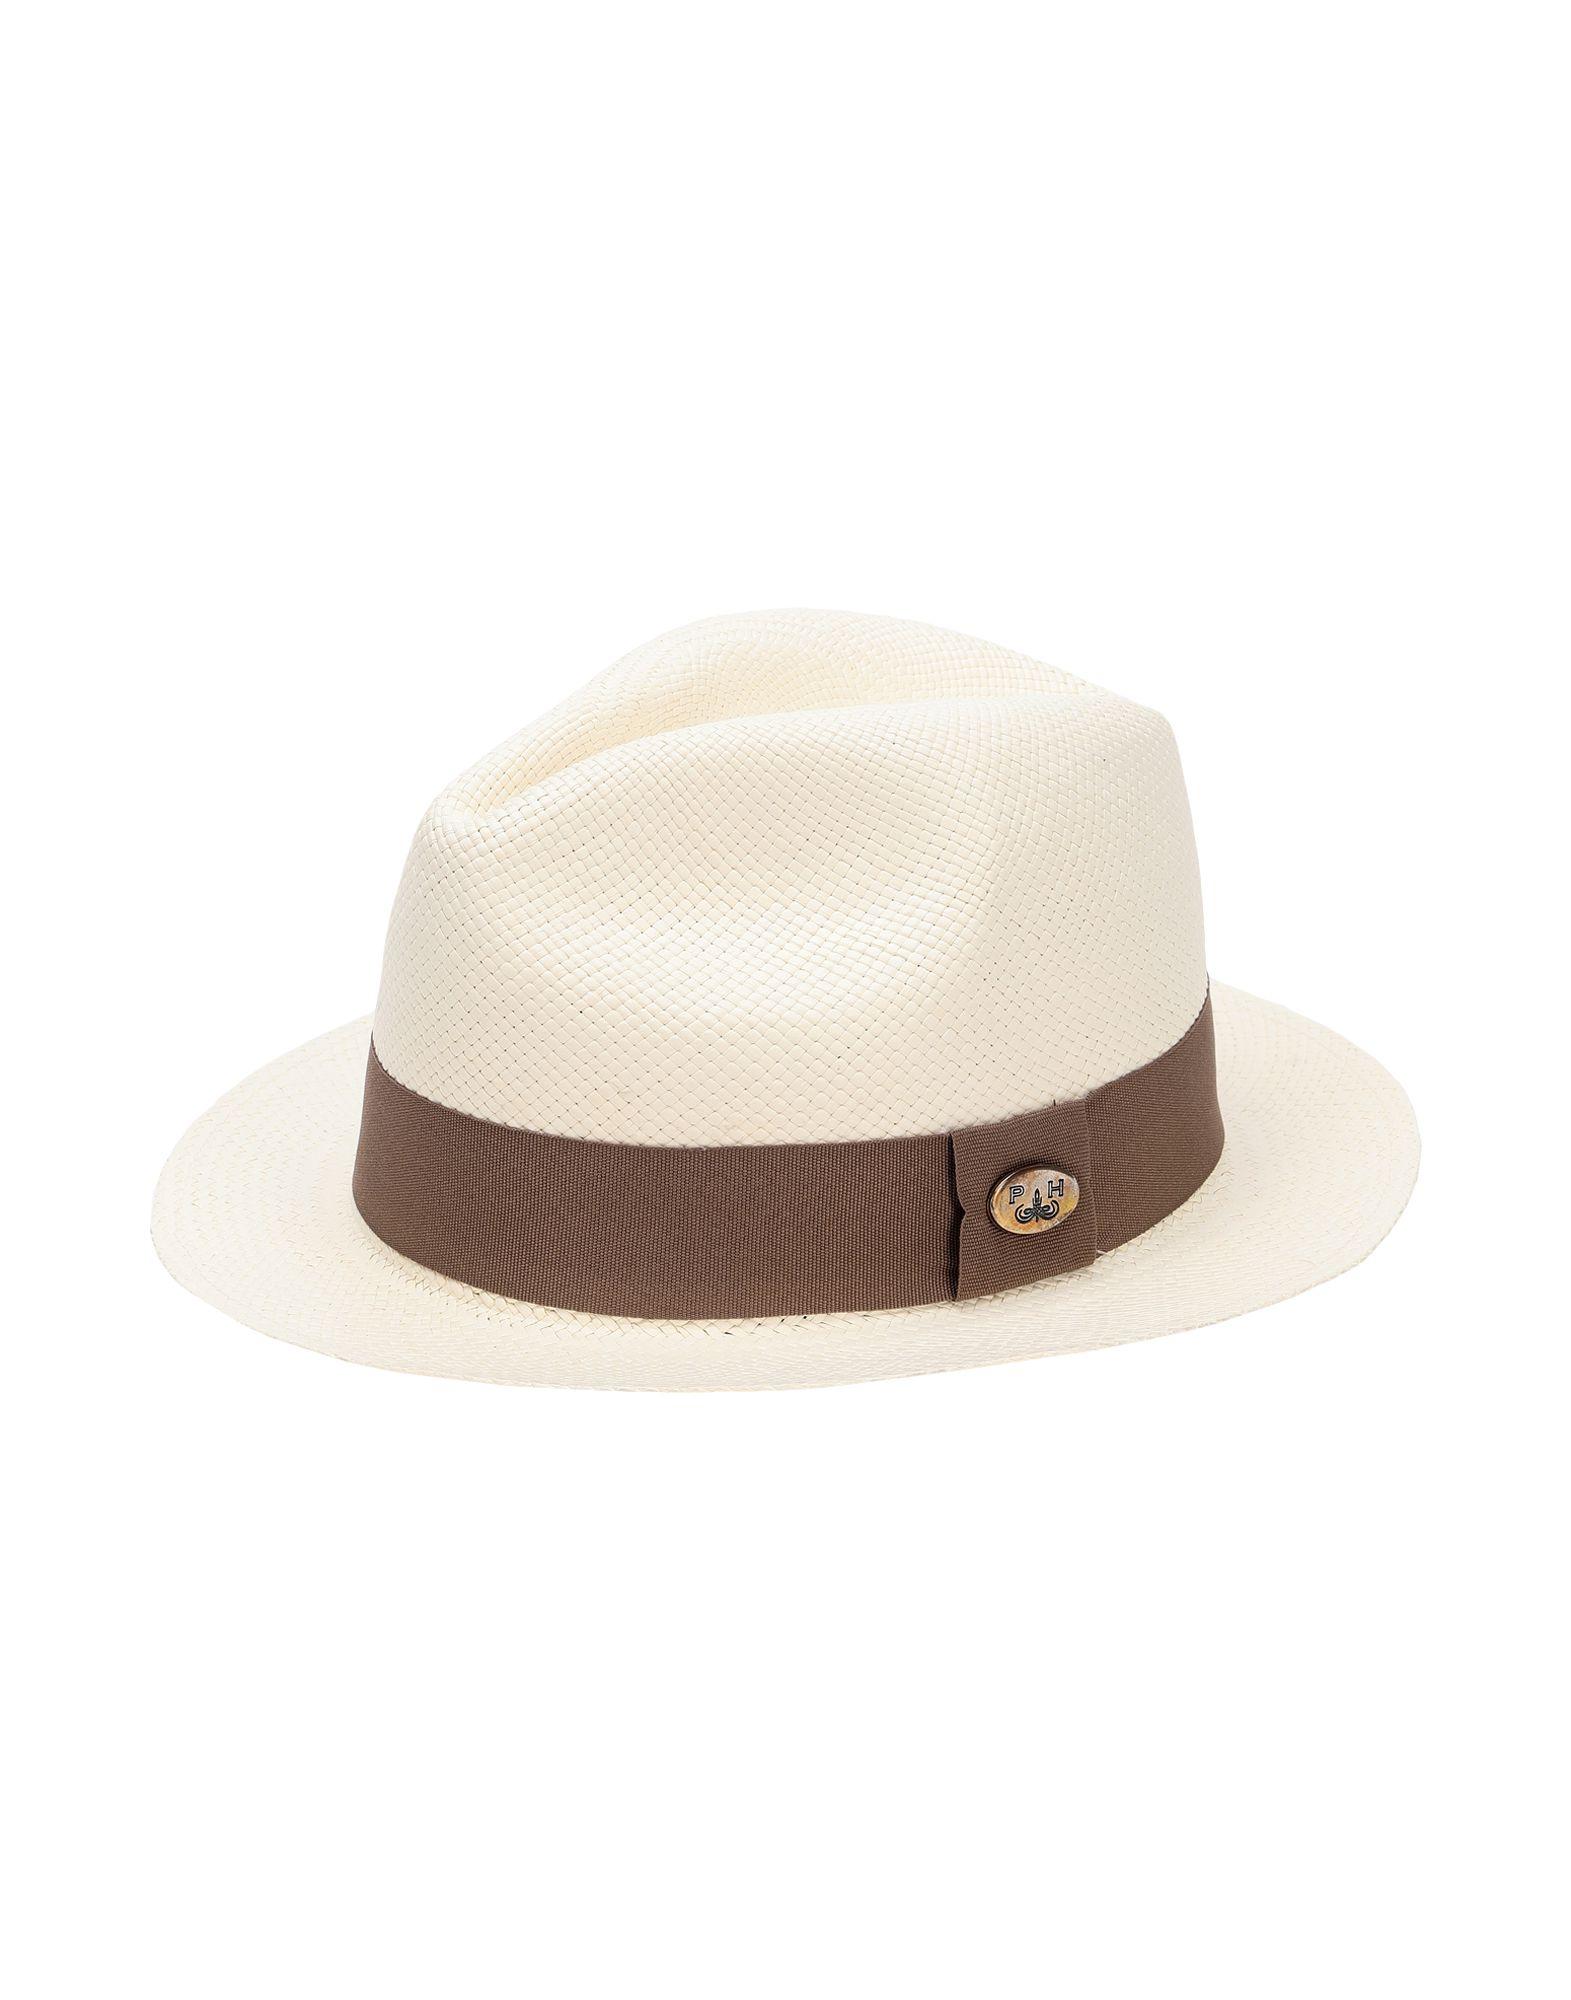 《セール開催中》PANAMA HATTERS Unisex 帽子 ホワイト XL ストロー 100% MIAMI BEACH WHITE CHAMPAGNE +TRAVEL BAG